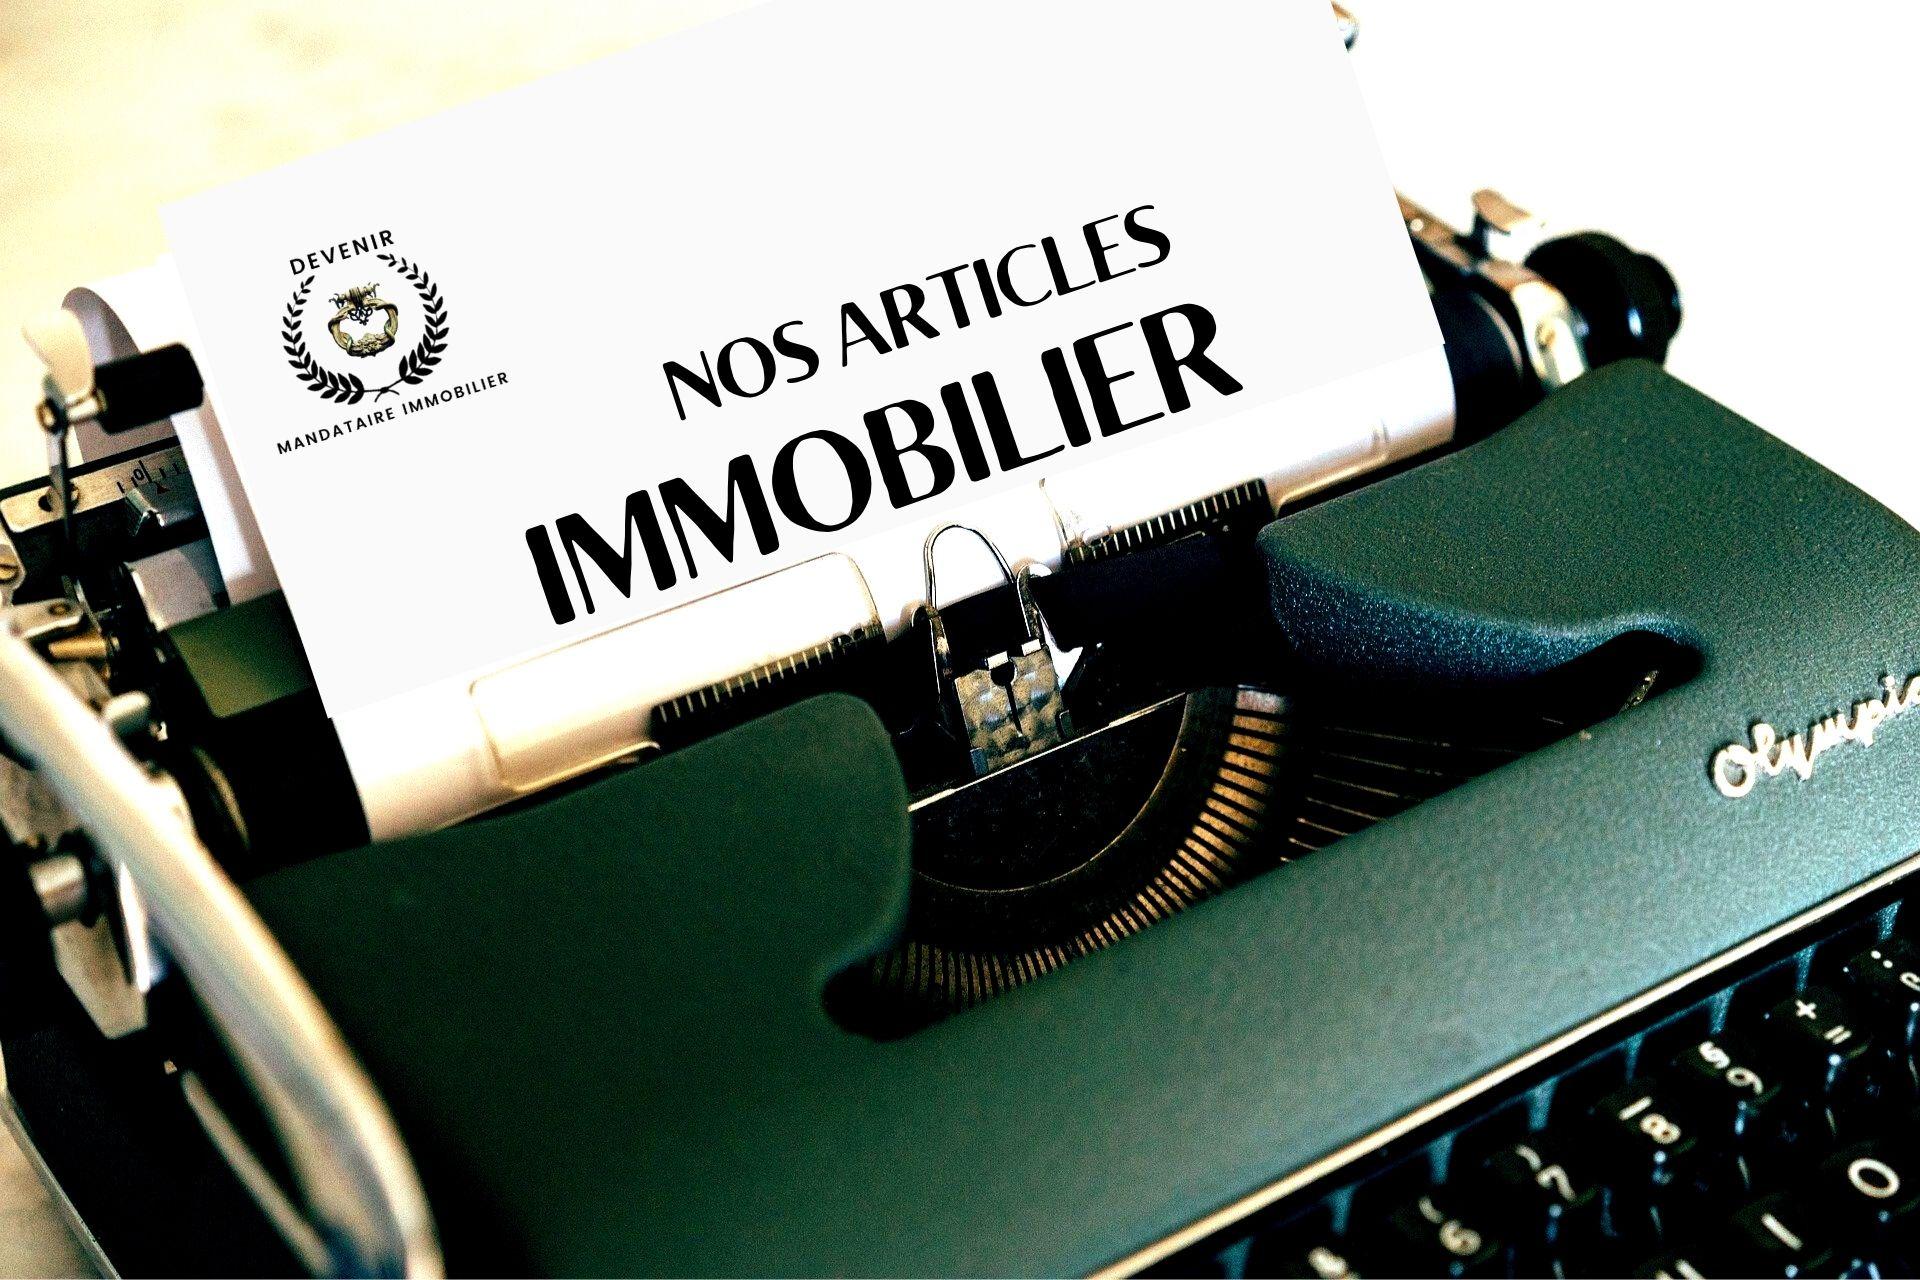 DEVENIR MANDATAIRE IMMOBILIER ARTICLES